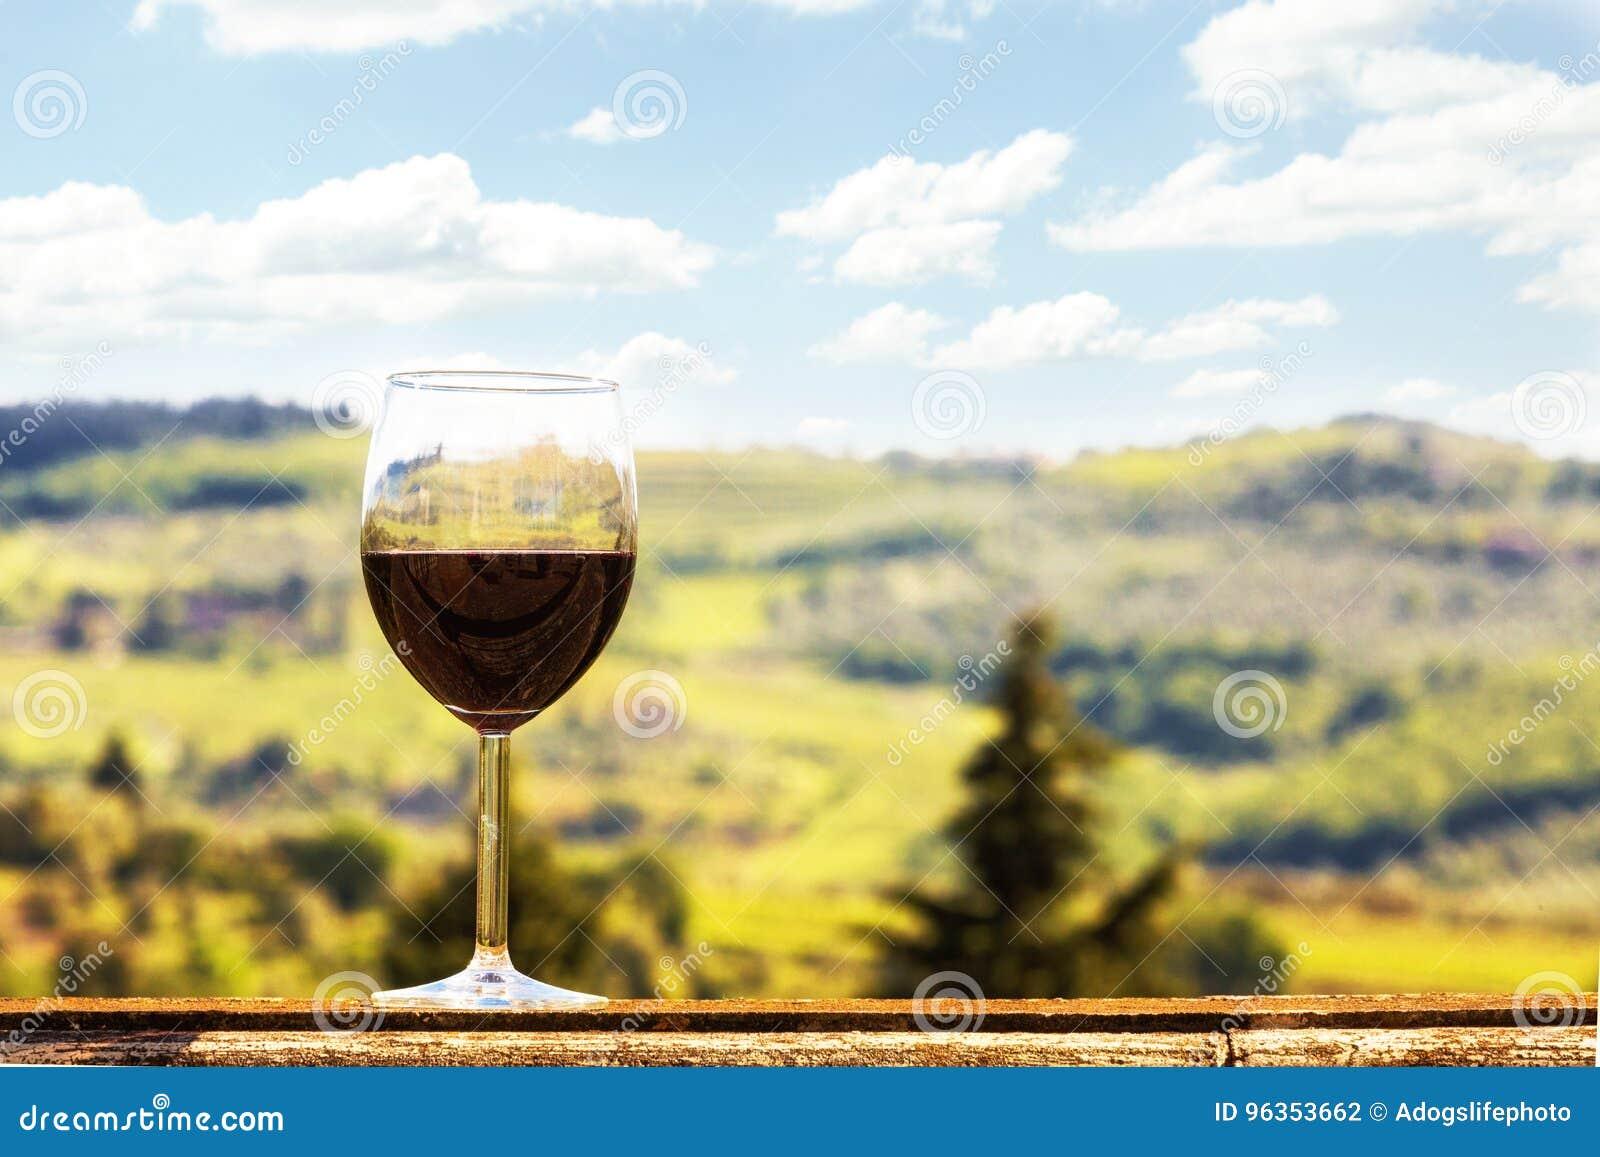 Verre de vin sur Ledge Overlooking Vineyards dans le chianti Italie